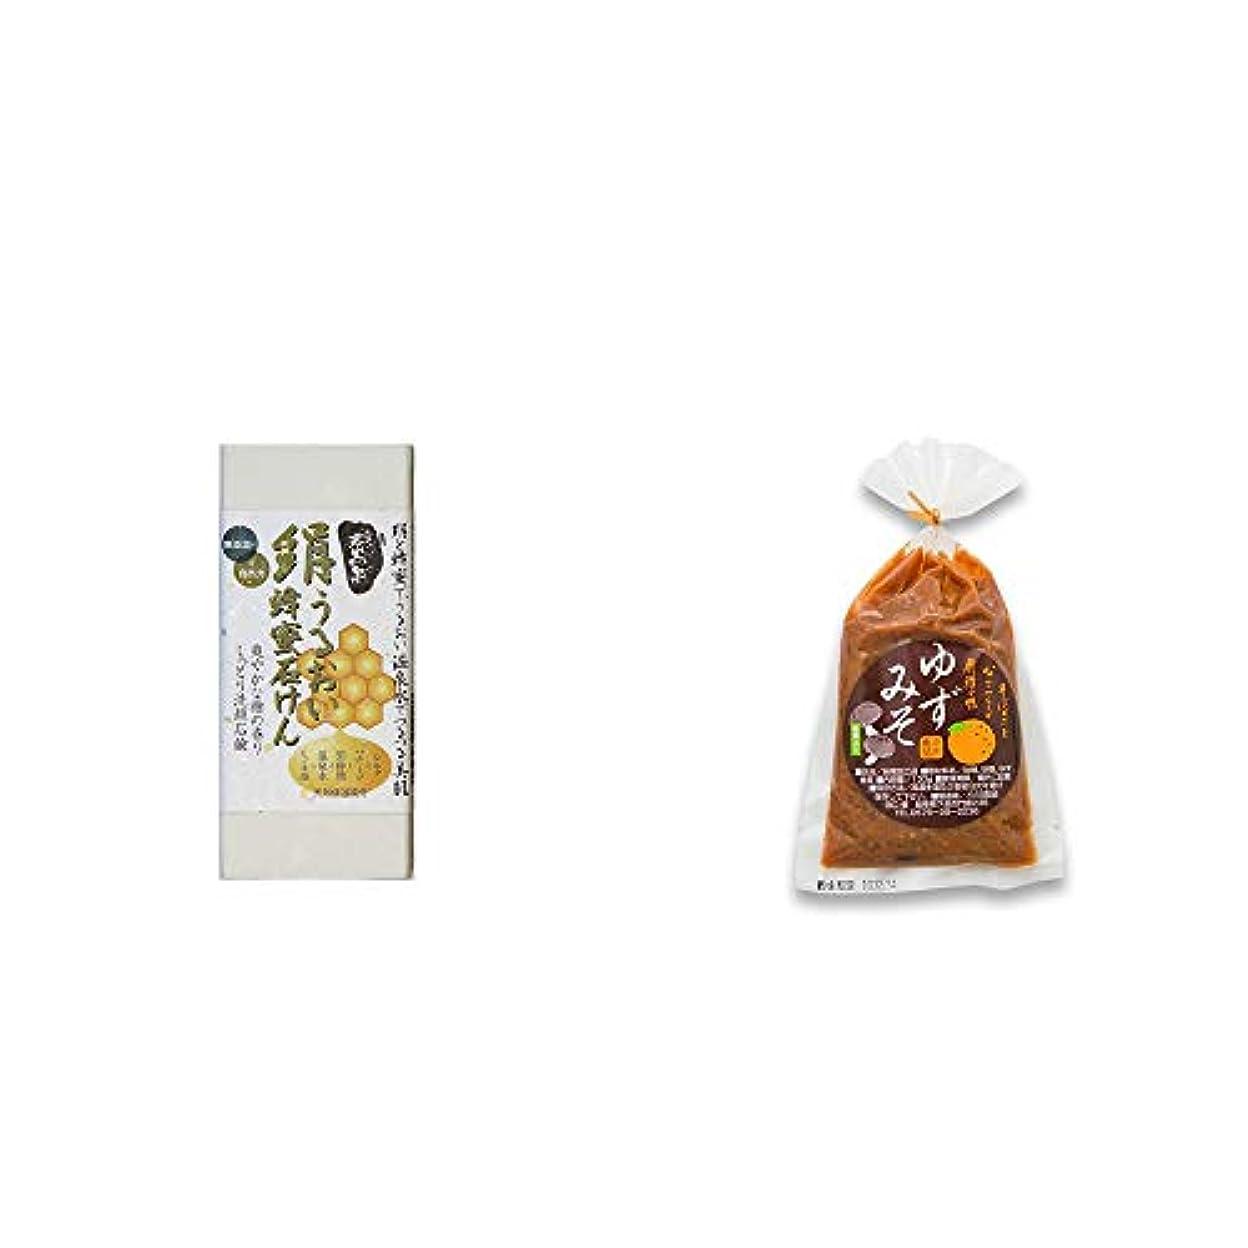 常習者固執助言[2点セット] ひのき炭黒泉 絹うるおい蜂蜜石けん(75g×2)?ゆずみそ(130g)